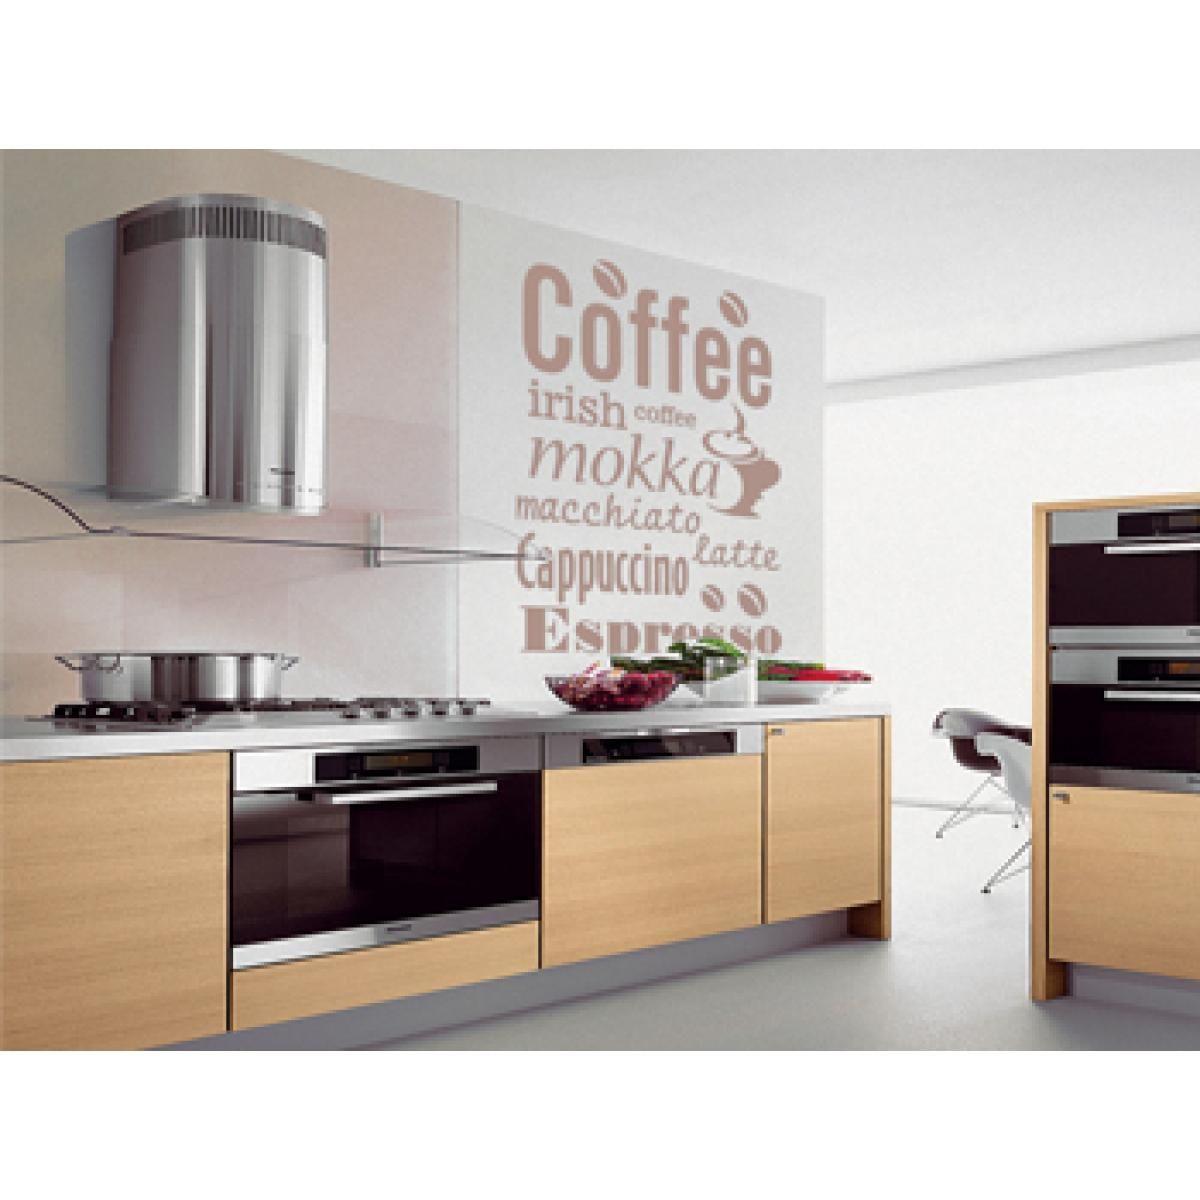 Wandtattoo Küche als moderne Deko Idee | Gemütliches Cafe, Wanddeko ...